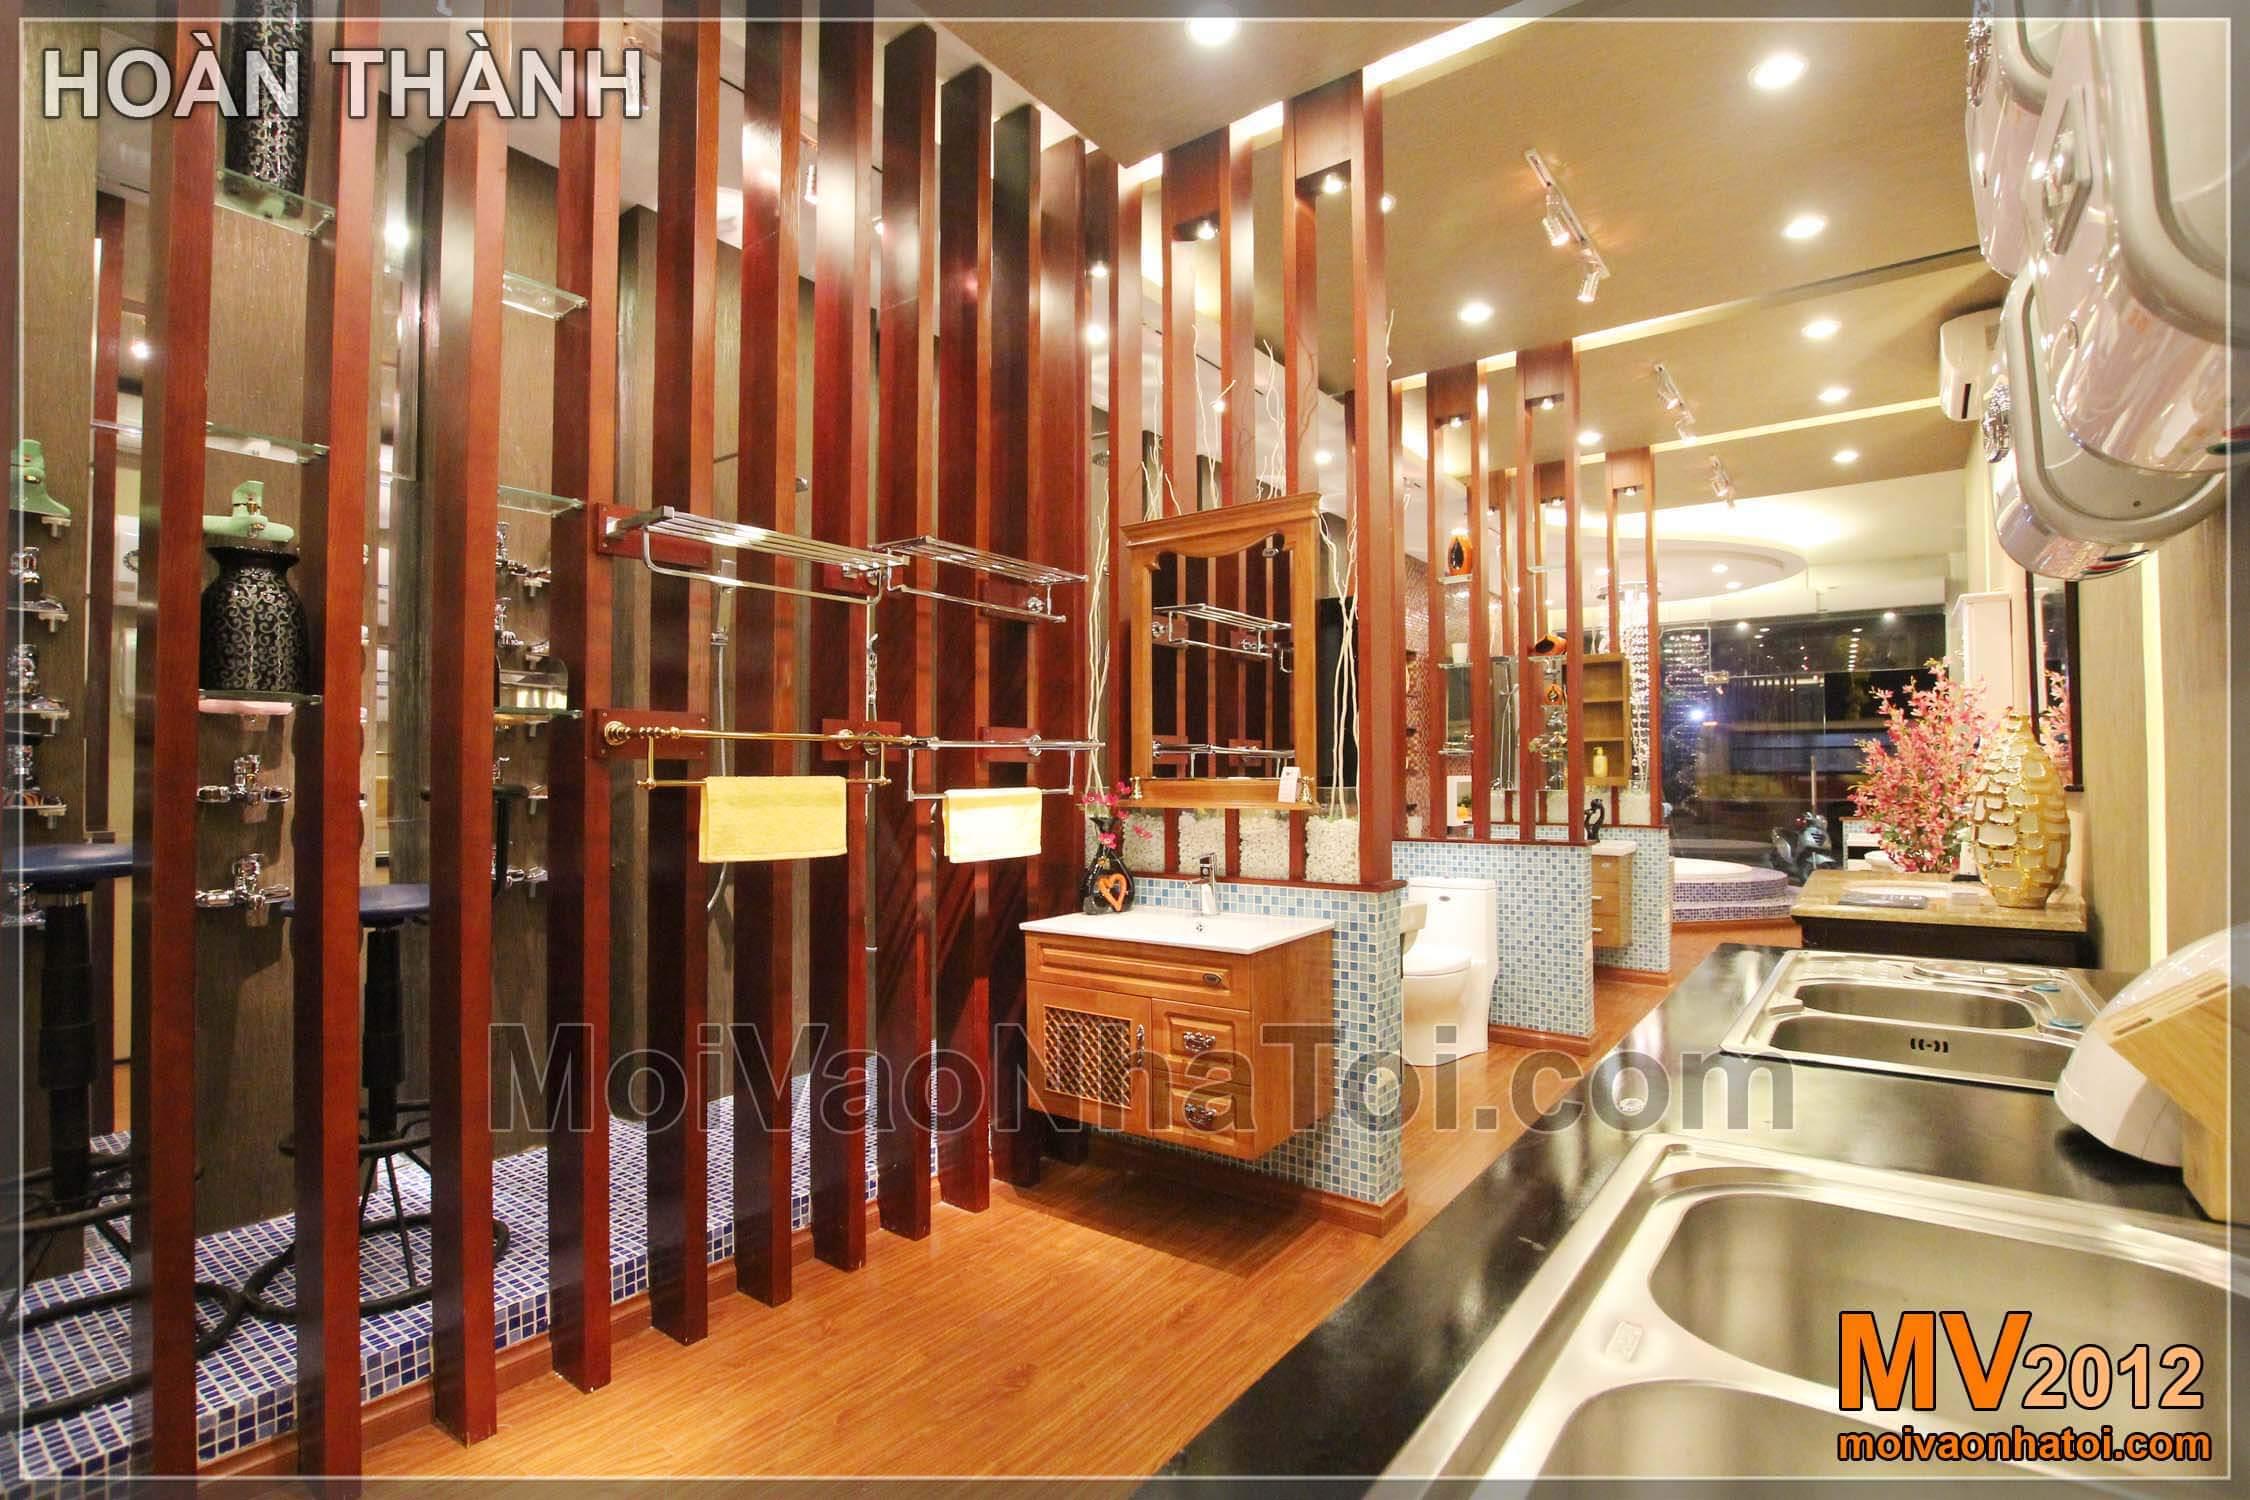 Nội thất gỗ trưng bày thiết bị vệ sinh